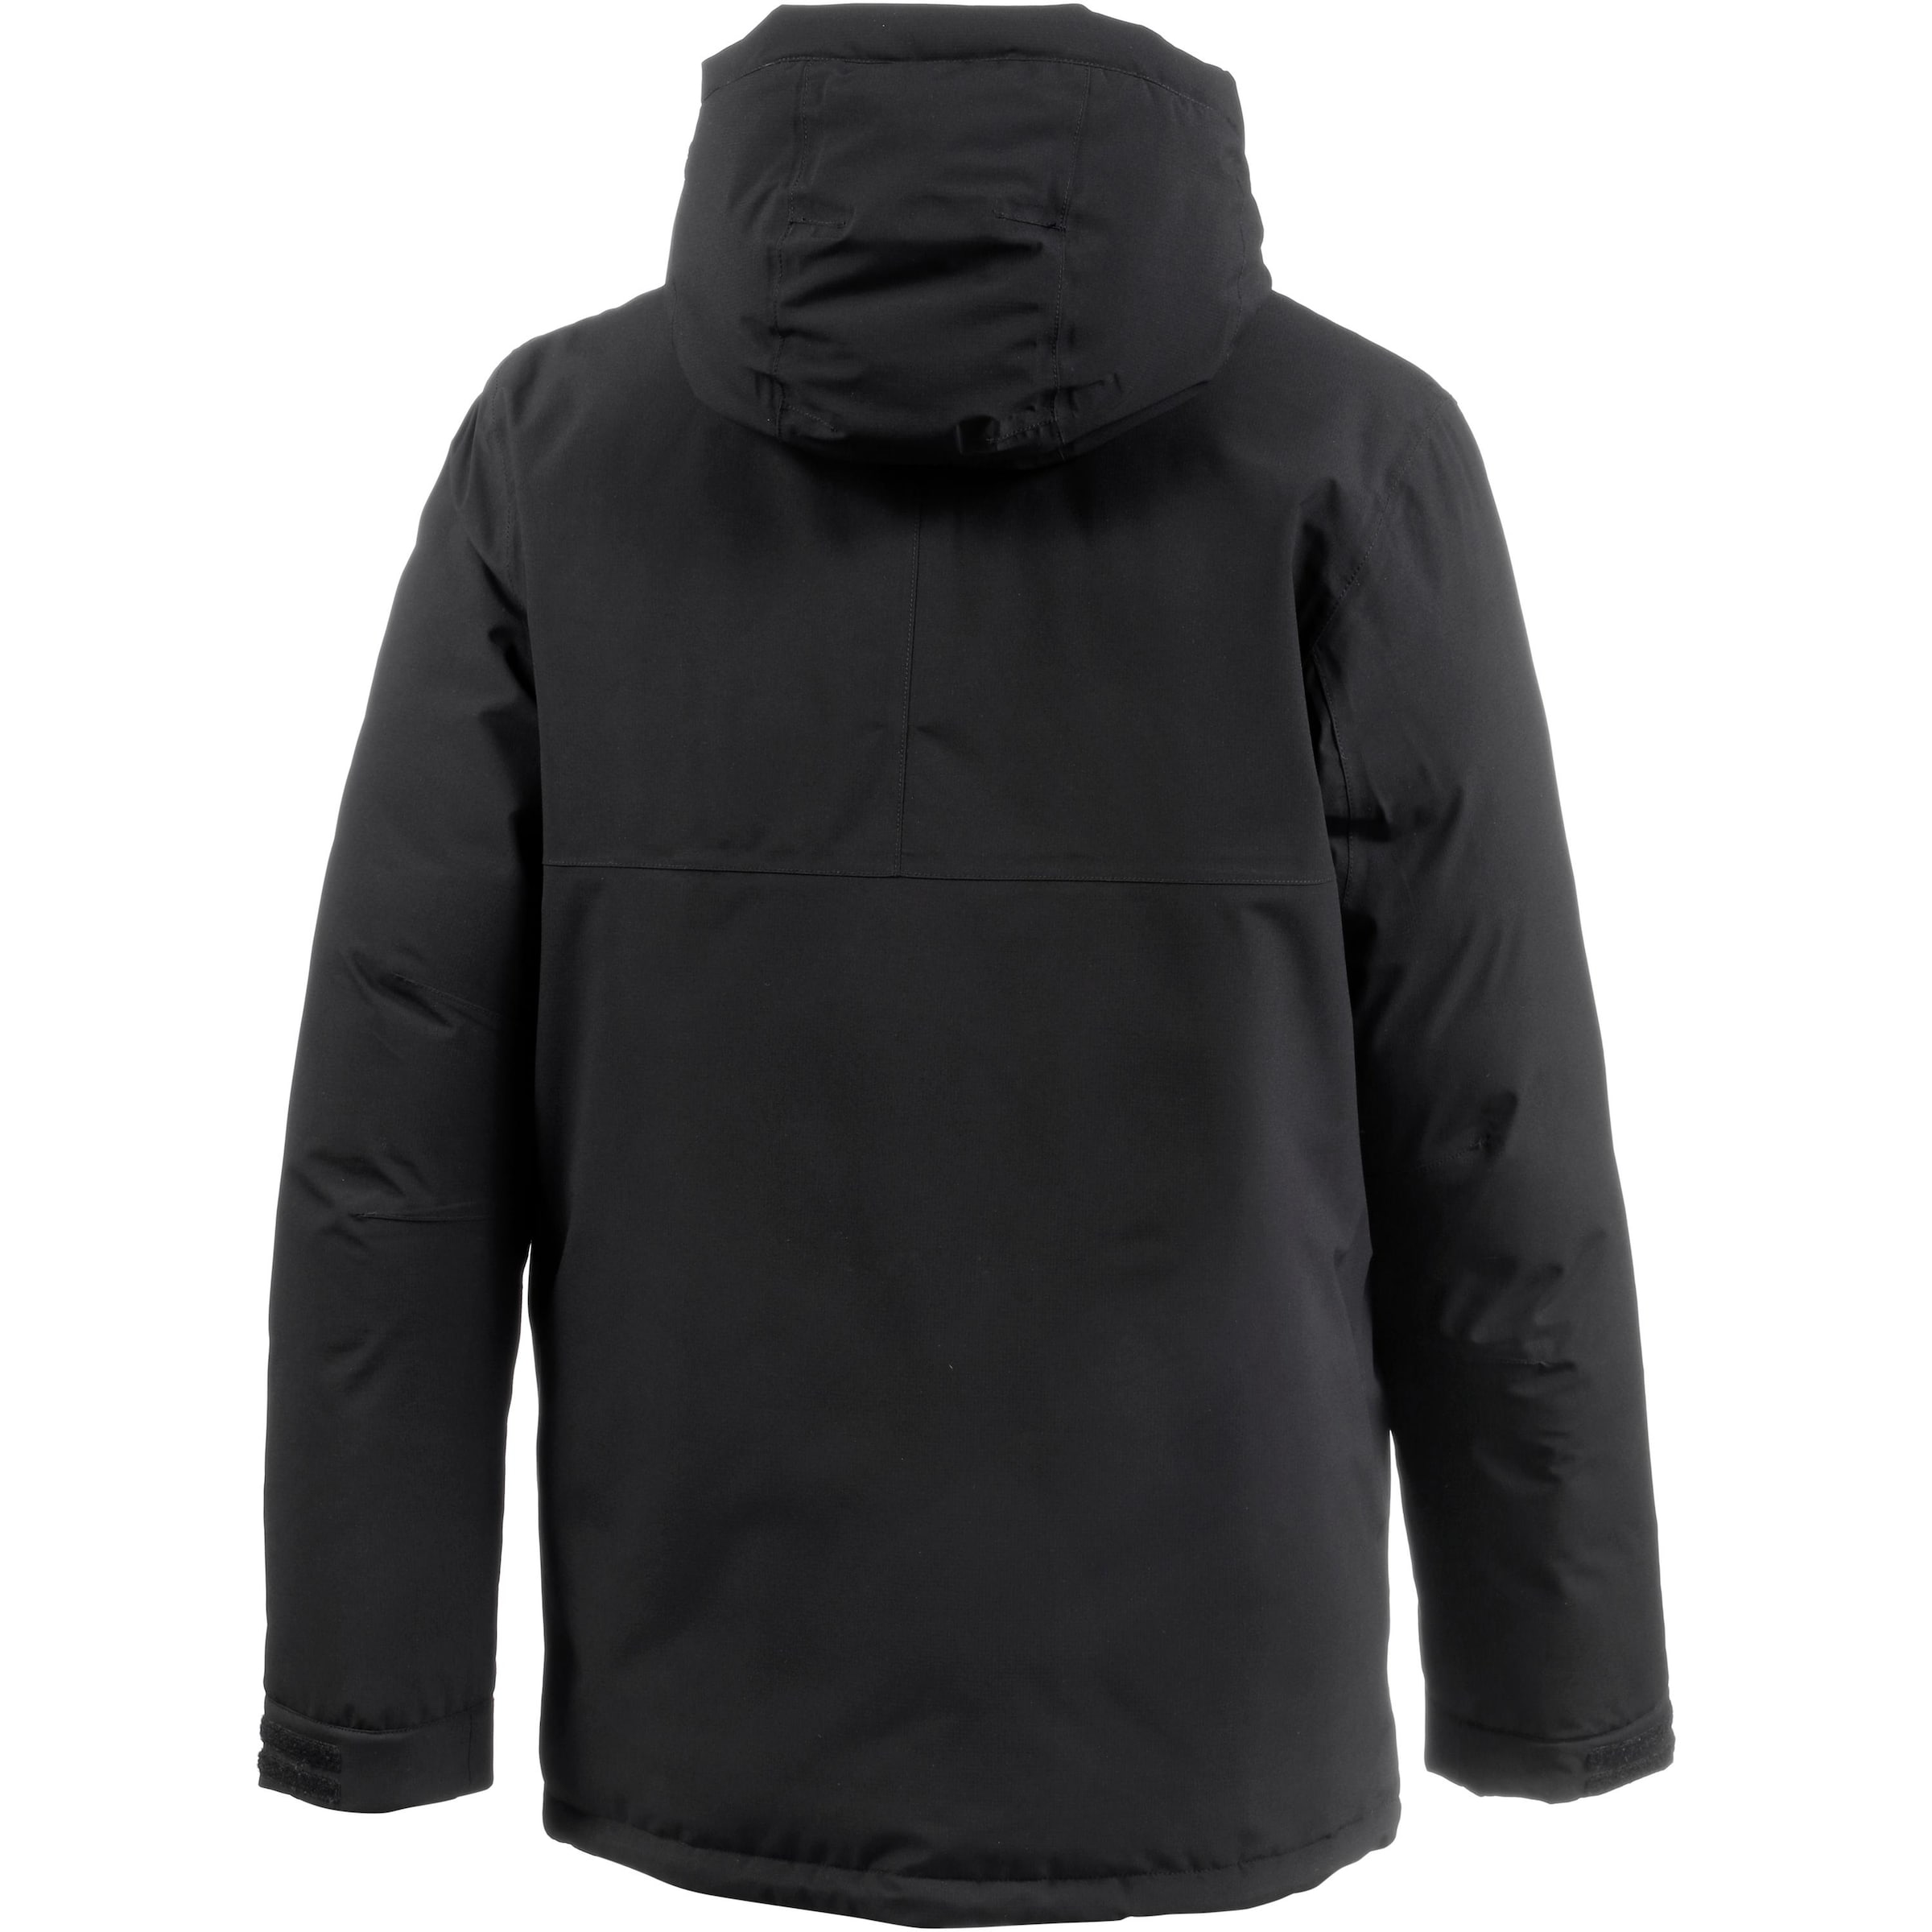 RIP CURL 'PUFF DOWN' Jacke Herren Verkauf Neuesten Kollektionen 4imzSgG